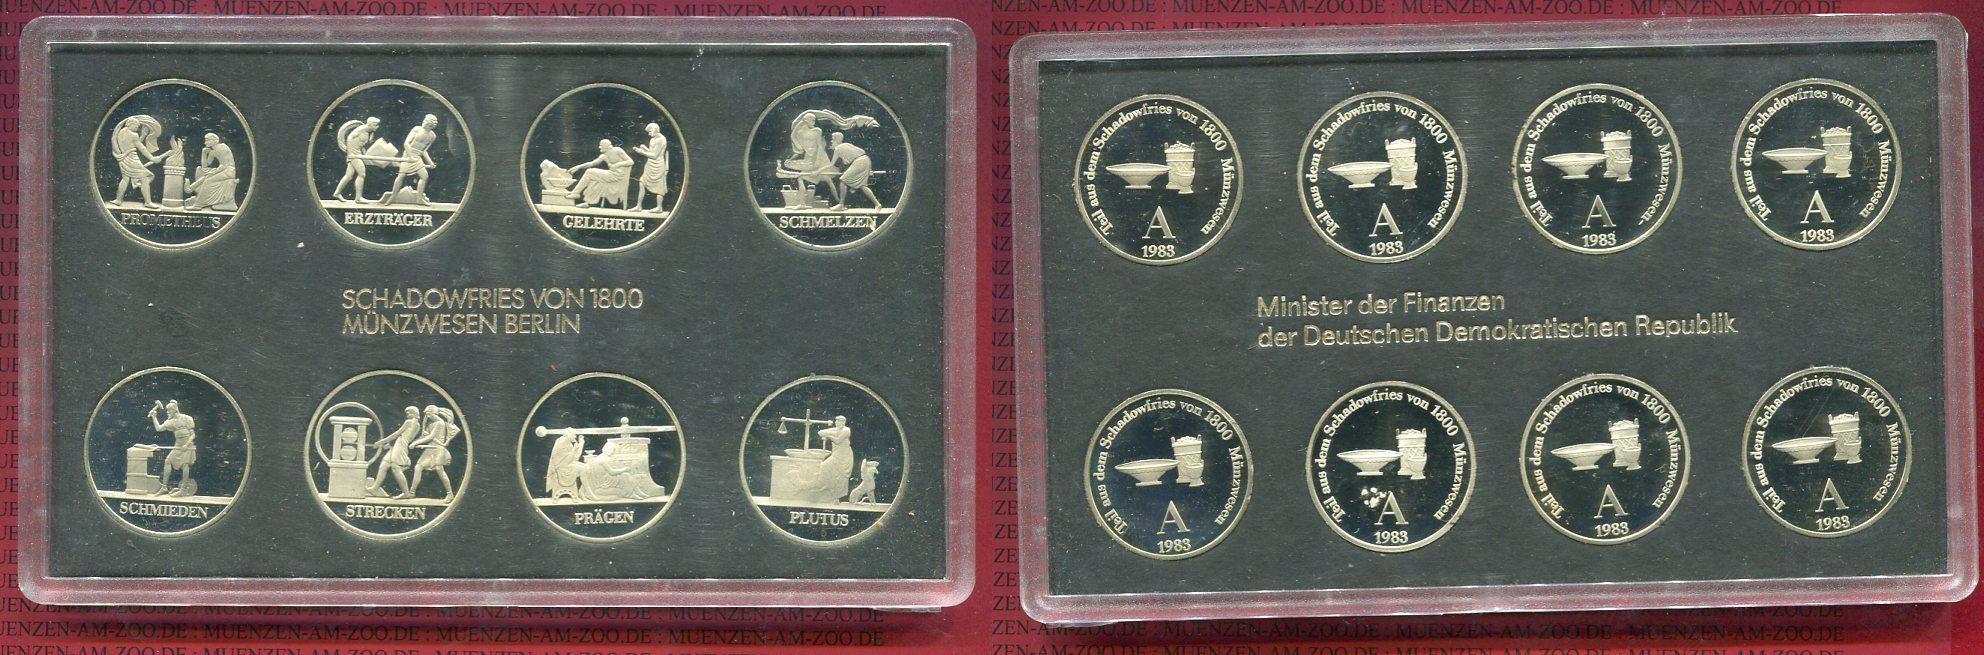 Themensatz Schadowfries von 1800 1983 DDR Schadowfries DDR Themensatz Schadowfries 8 x Medaillen in 5 Mark Größe im Satz PP sehr selten Polierte Platte in Originalverpackung